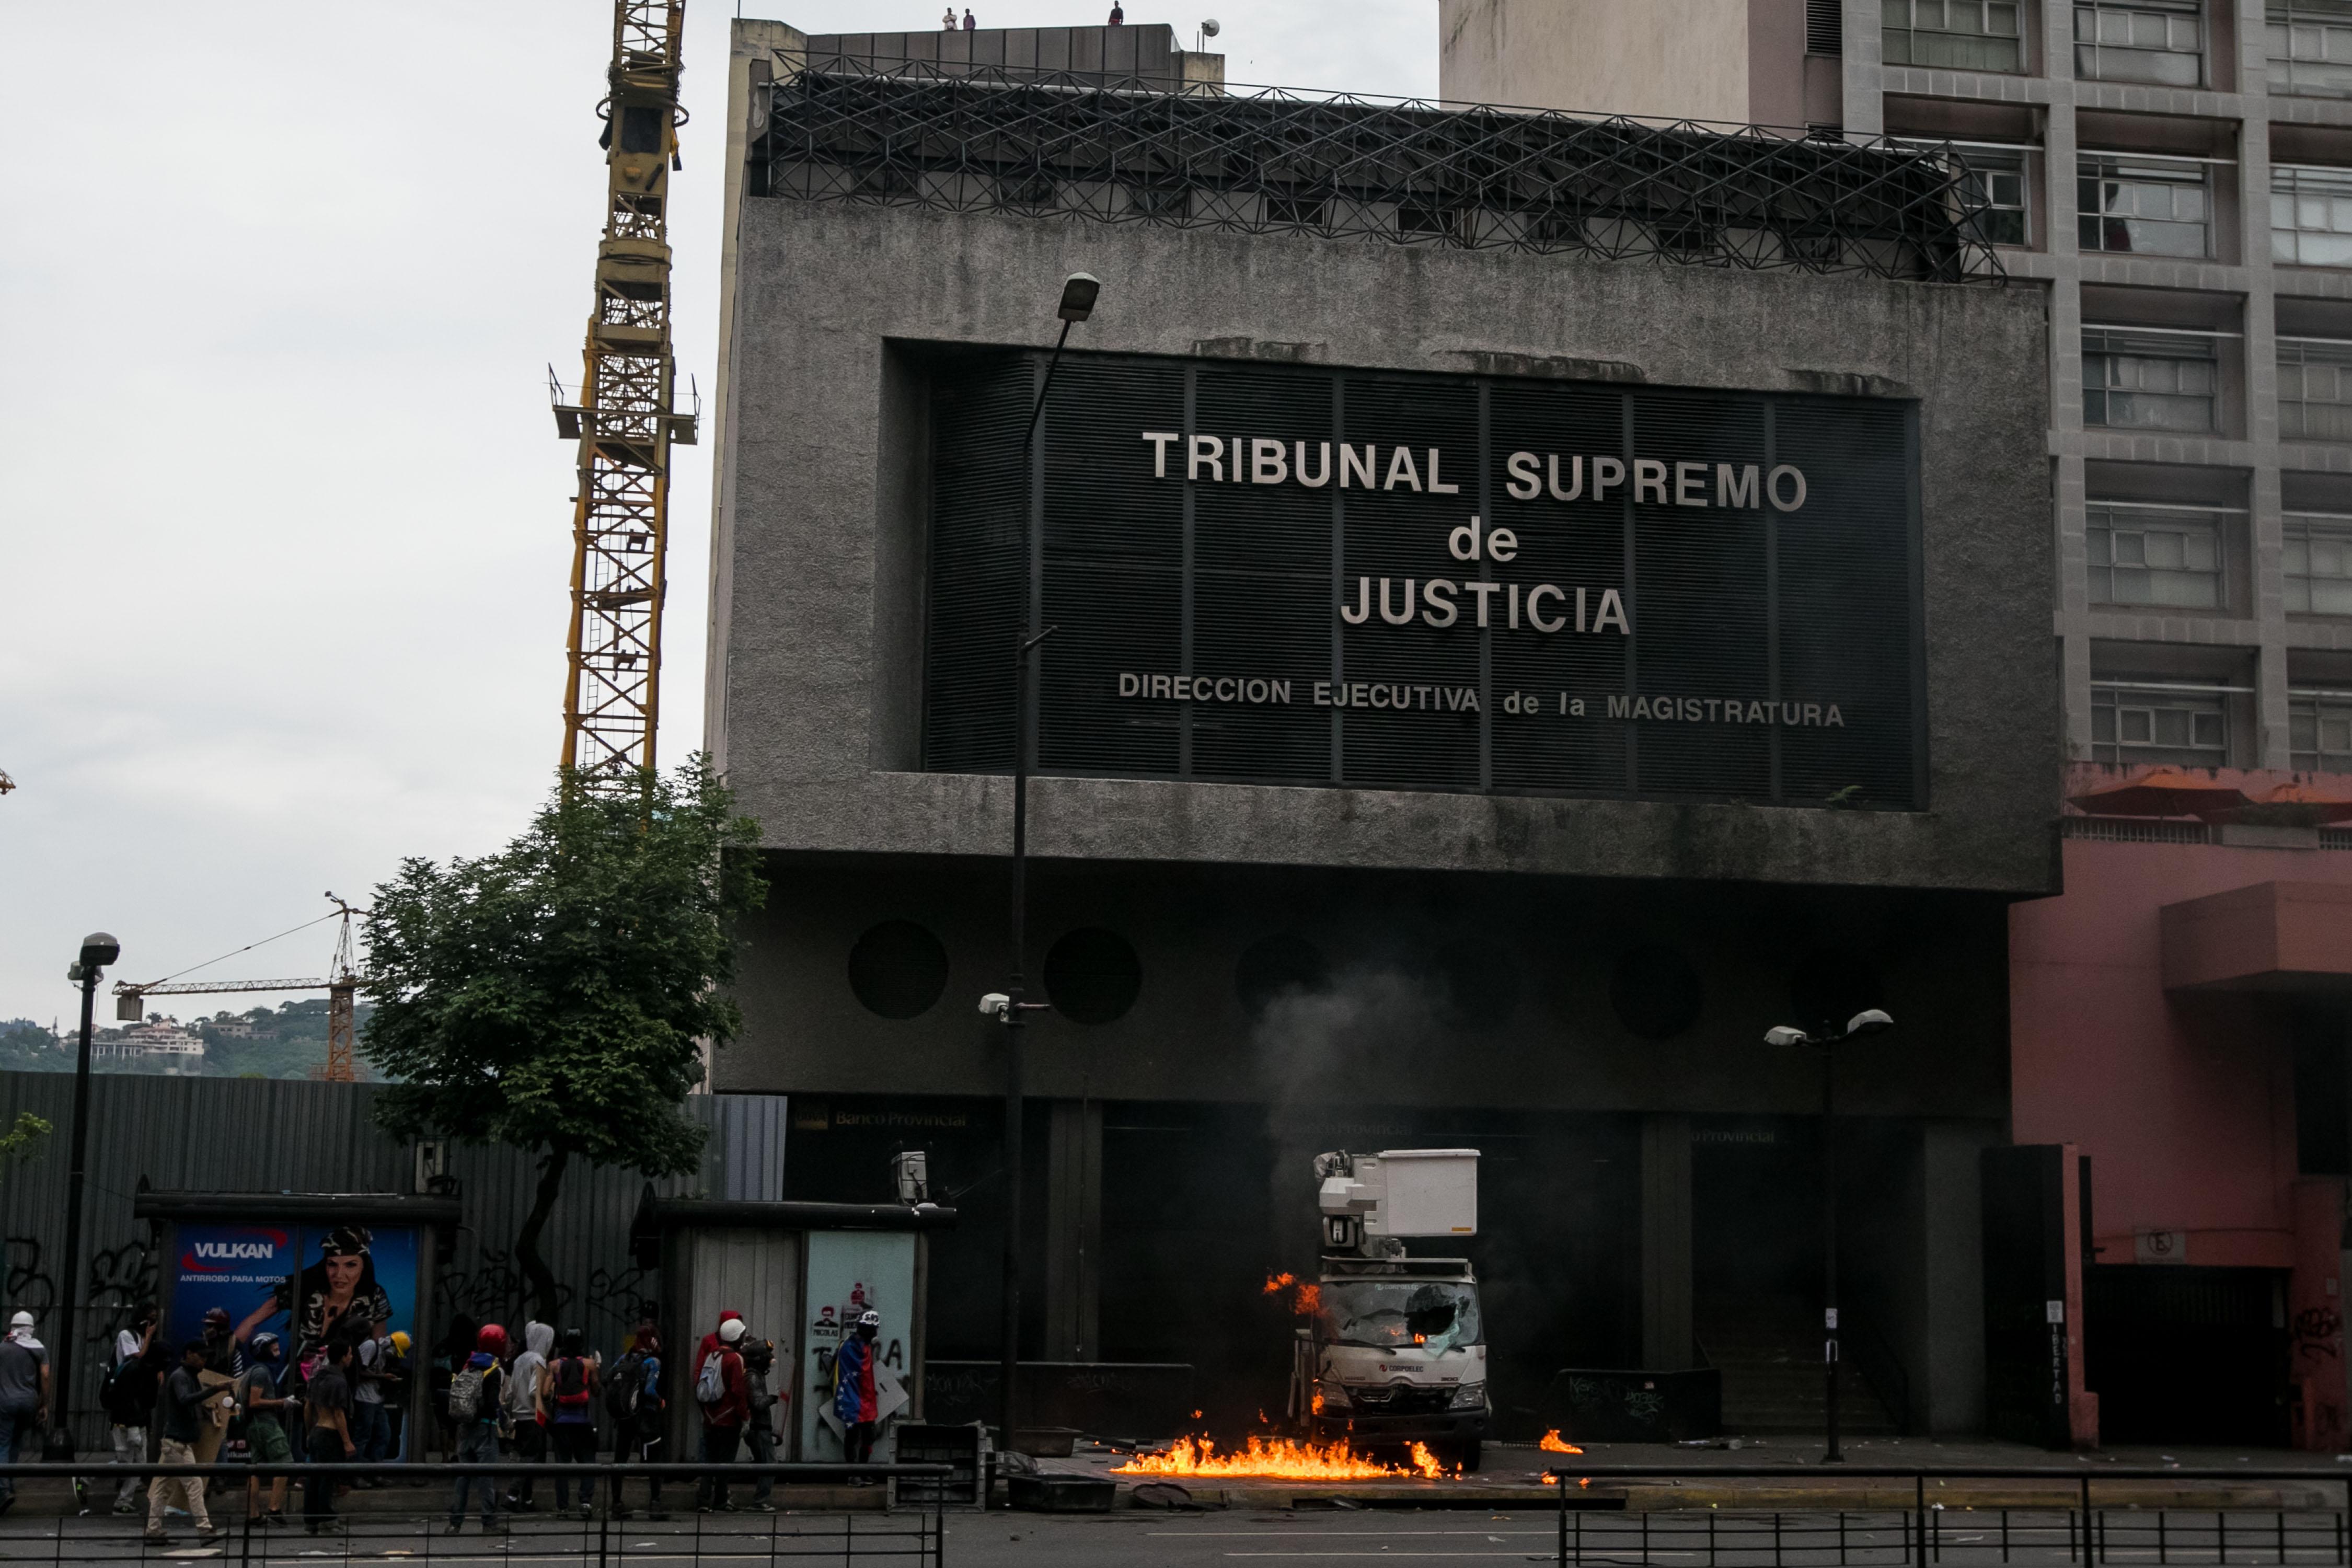 CAR031 CARACAS (VENEZUELA), 07/06/2017.- Vista de un camión quemado durante una manifestación hoy, miércoles 7 de junio de 2017, en Caracas (Venezuela). Agentes de la fuerza pública venezolana dispersaron hoy con gases lacrimógenos varias de las manifestaciones convocadas en el país por la oposición hacia las sedes del Poder Electoral para protestar por el eventual cambio de Constitución que impulsa el Gobierno. EFE/MIGUEL GUTIÉRREZ